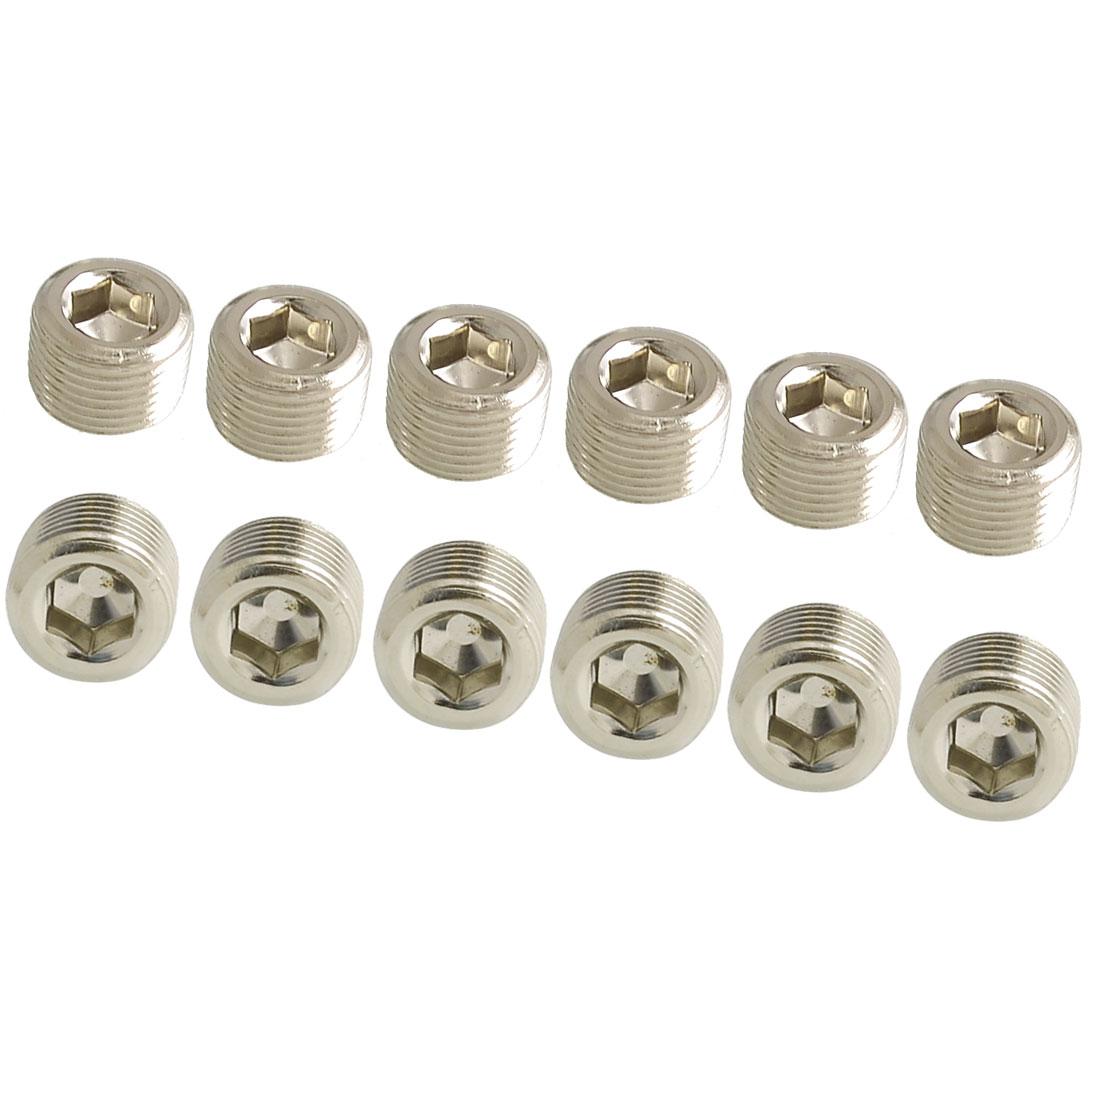 Hexagon Socket 16mm Threaded Countersunk Connector Cap 12 Pcs